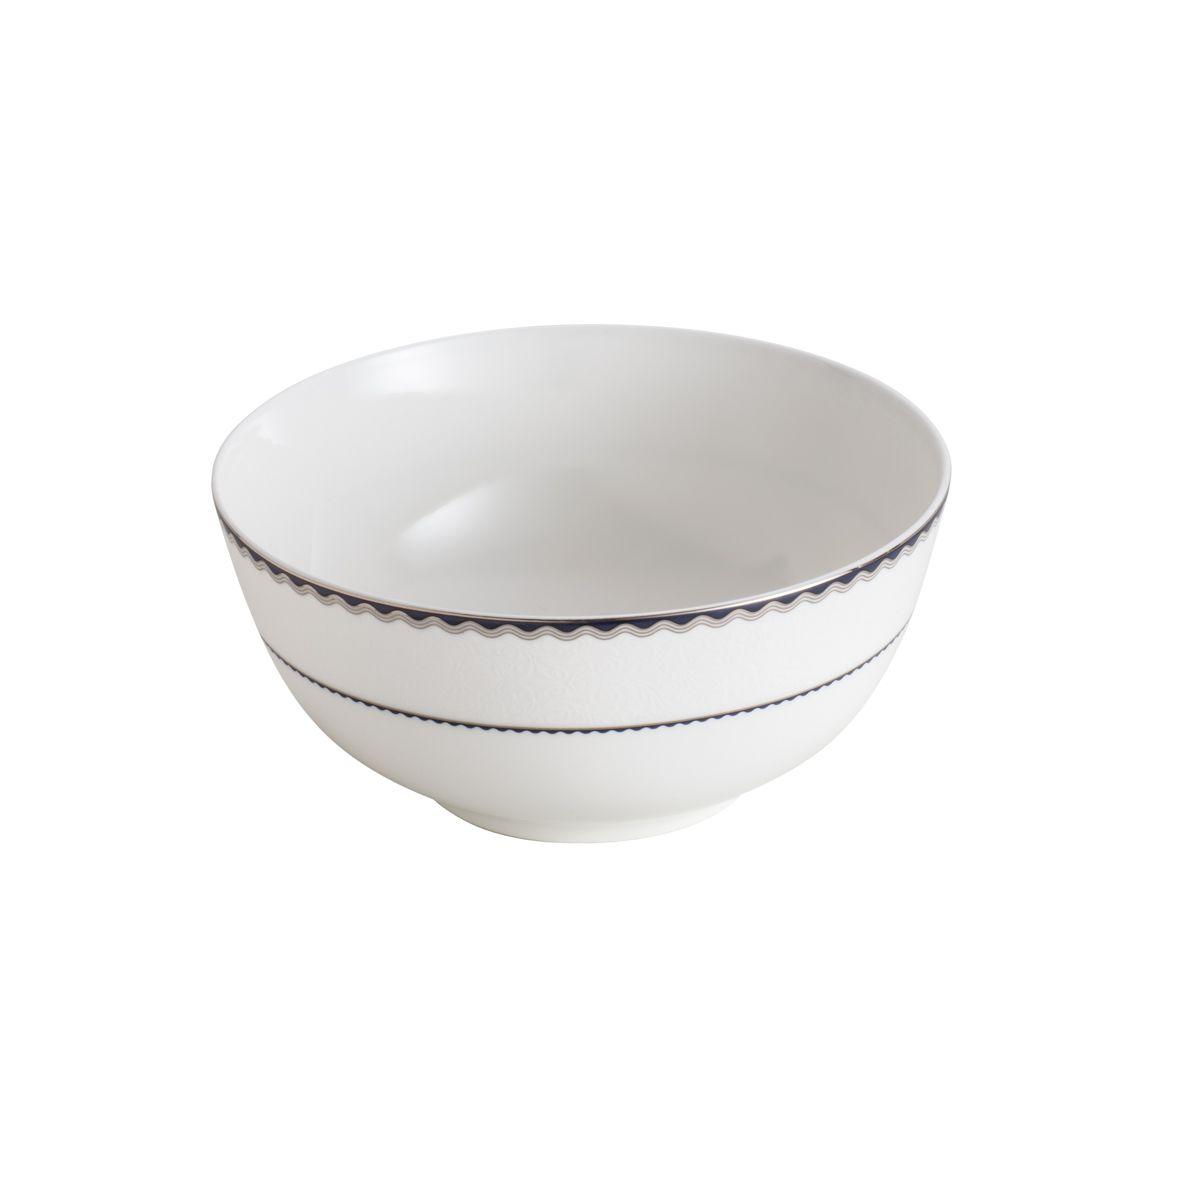 Jogo de Tigelas em Porcelana Wolff Blue Silver Alto Relevo 25085 - 6 Peças